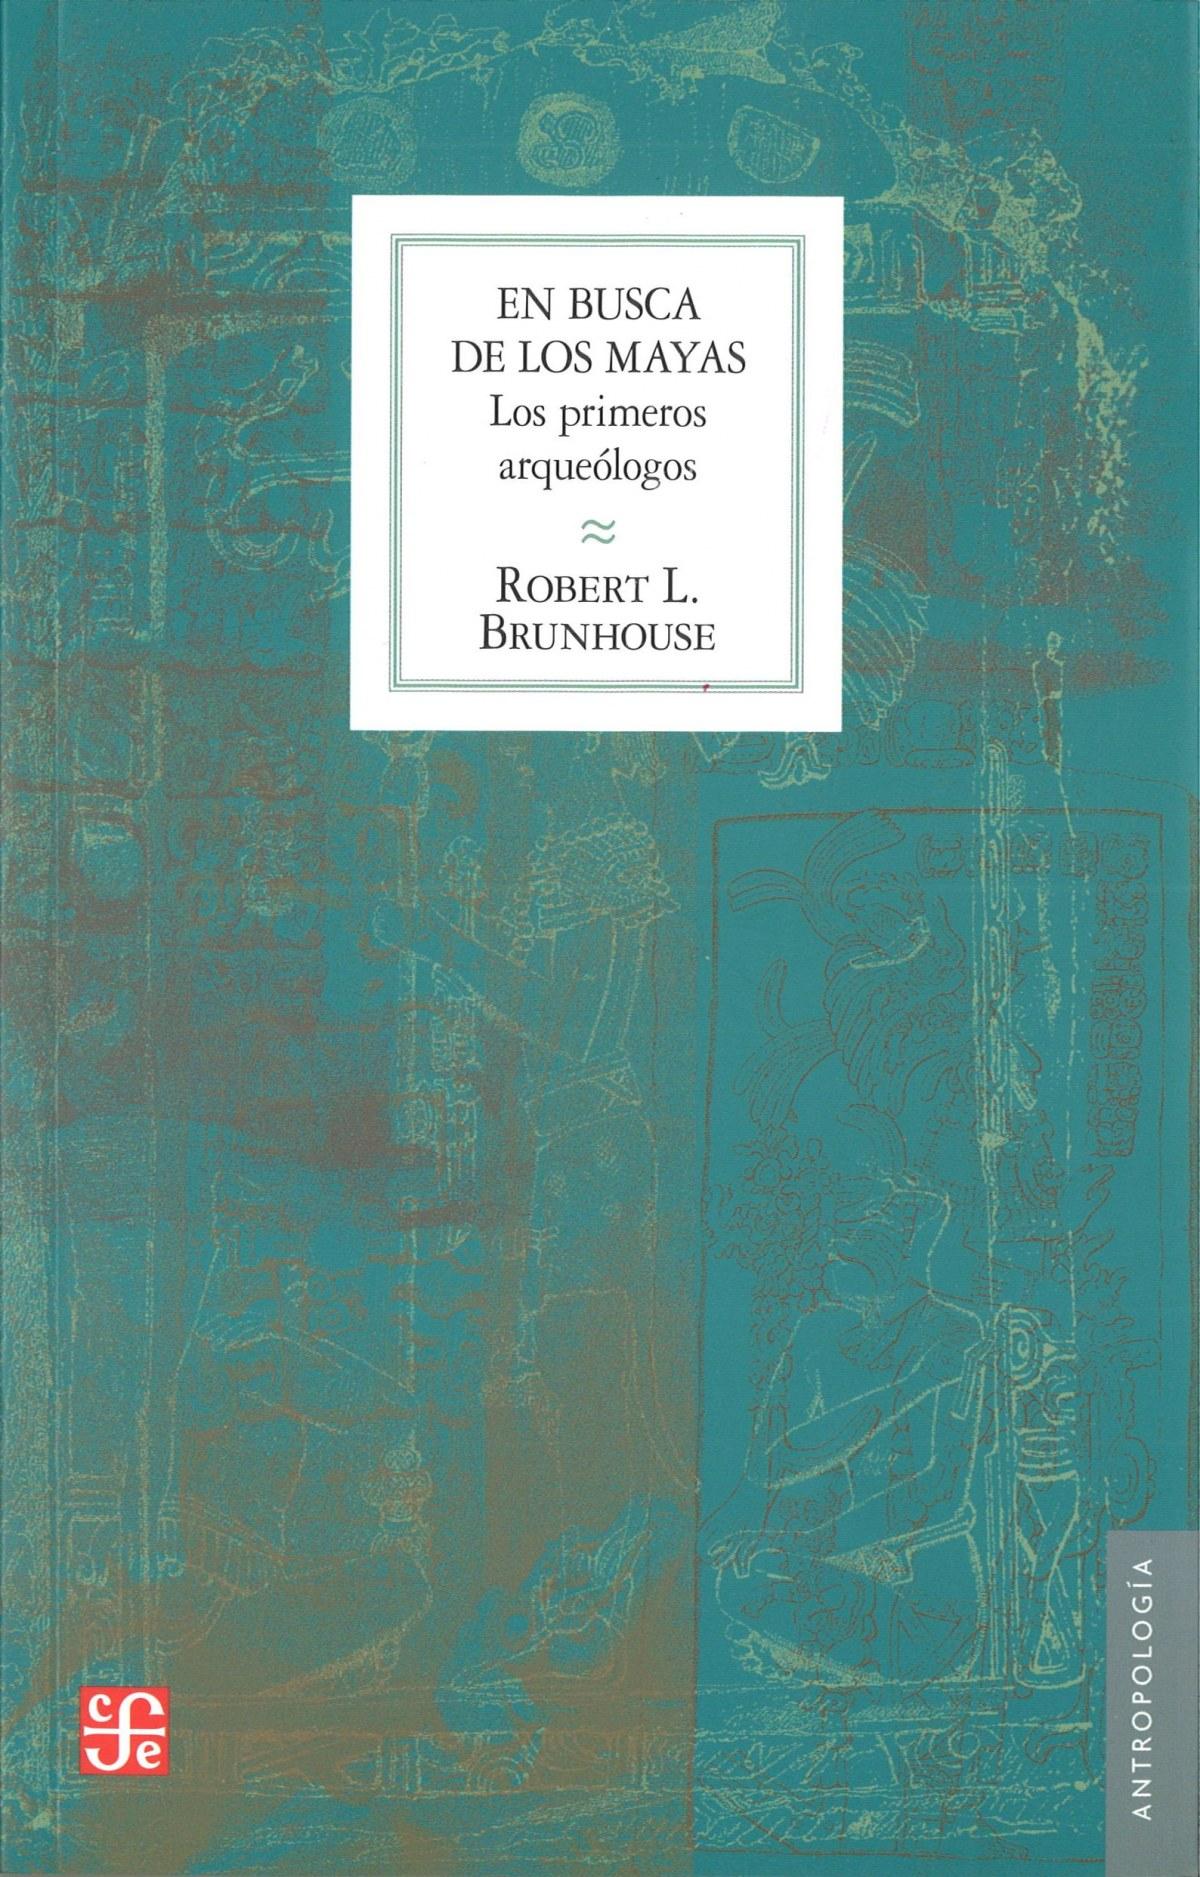 En busca de los mayas : los primeros arqueólogos